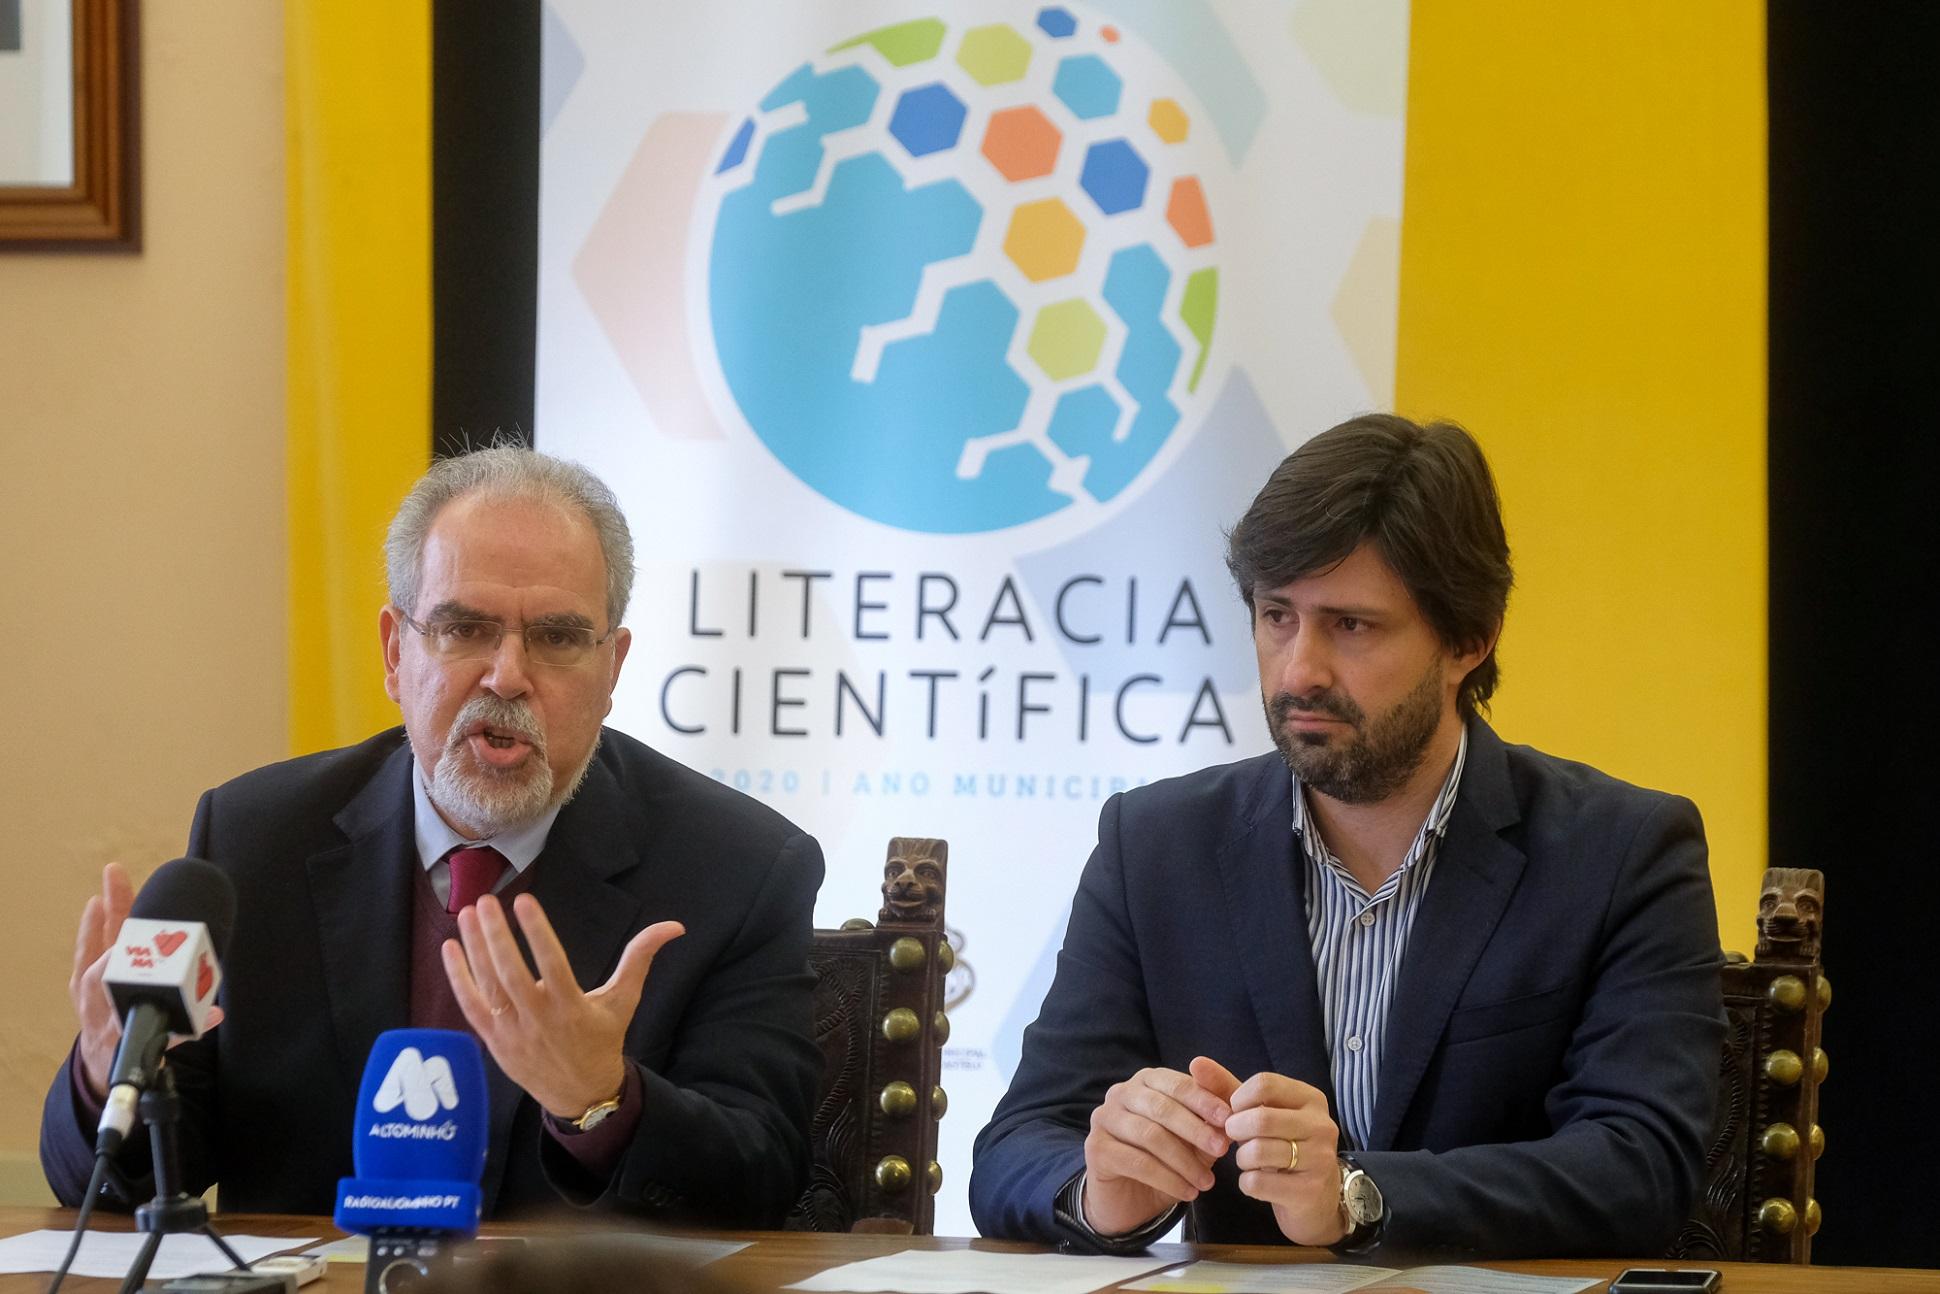 Viana do Castelo promove Ano Municipal da Literacia Científica com inauguração de instalações, encontros e eventos